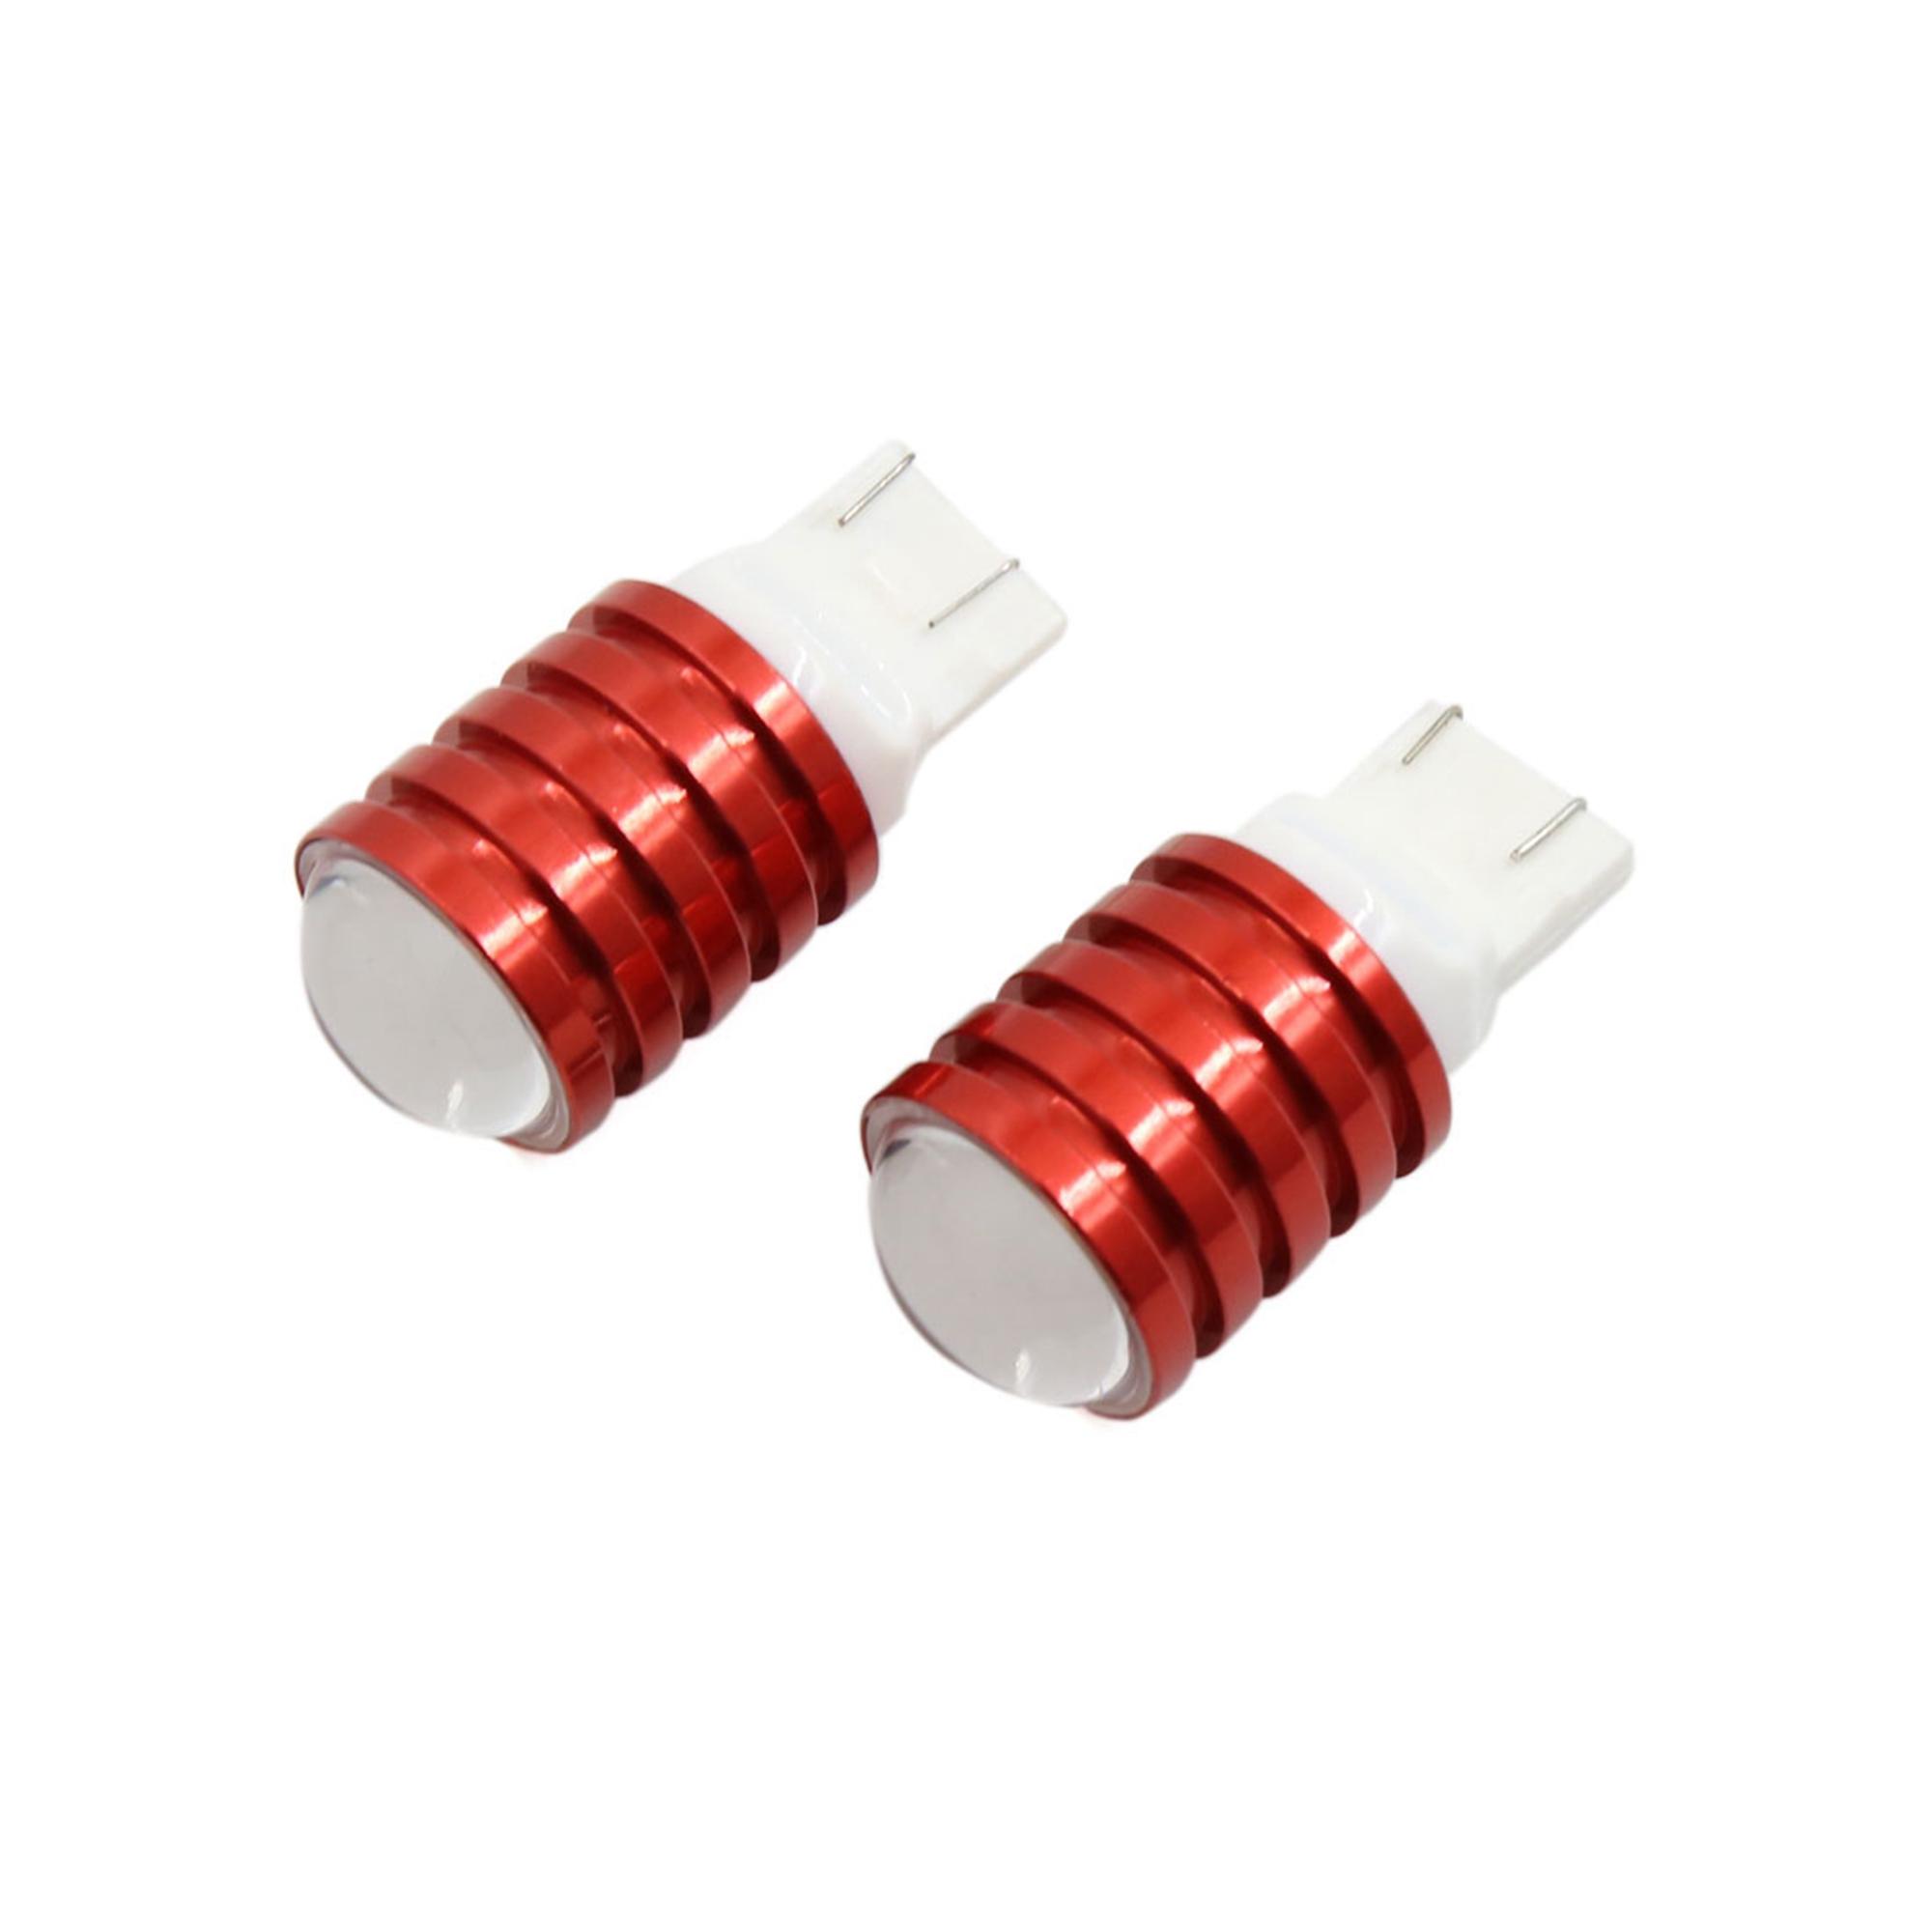 2Pcs T20 7440 7443 White COB LED Projector Lens Car Brake Reverse Light